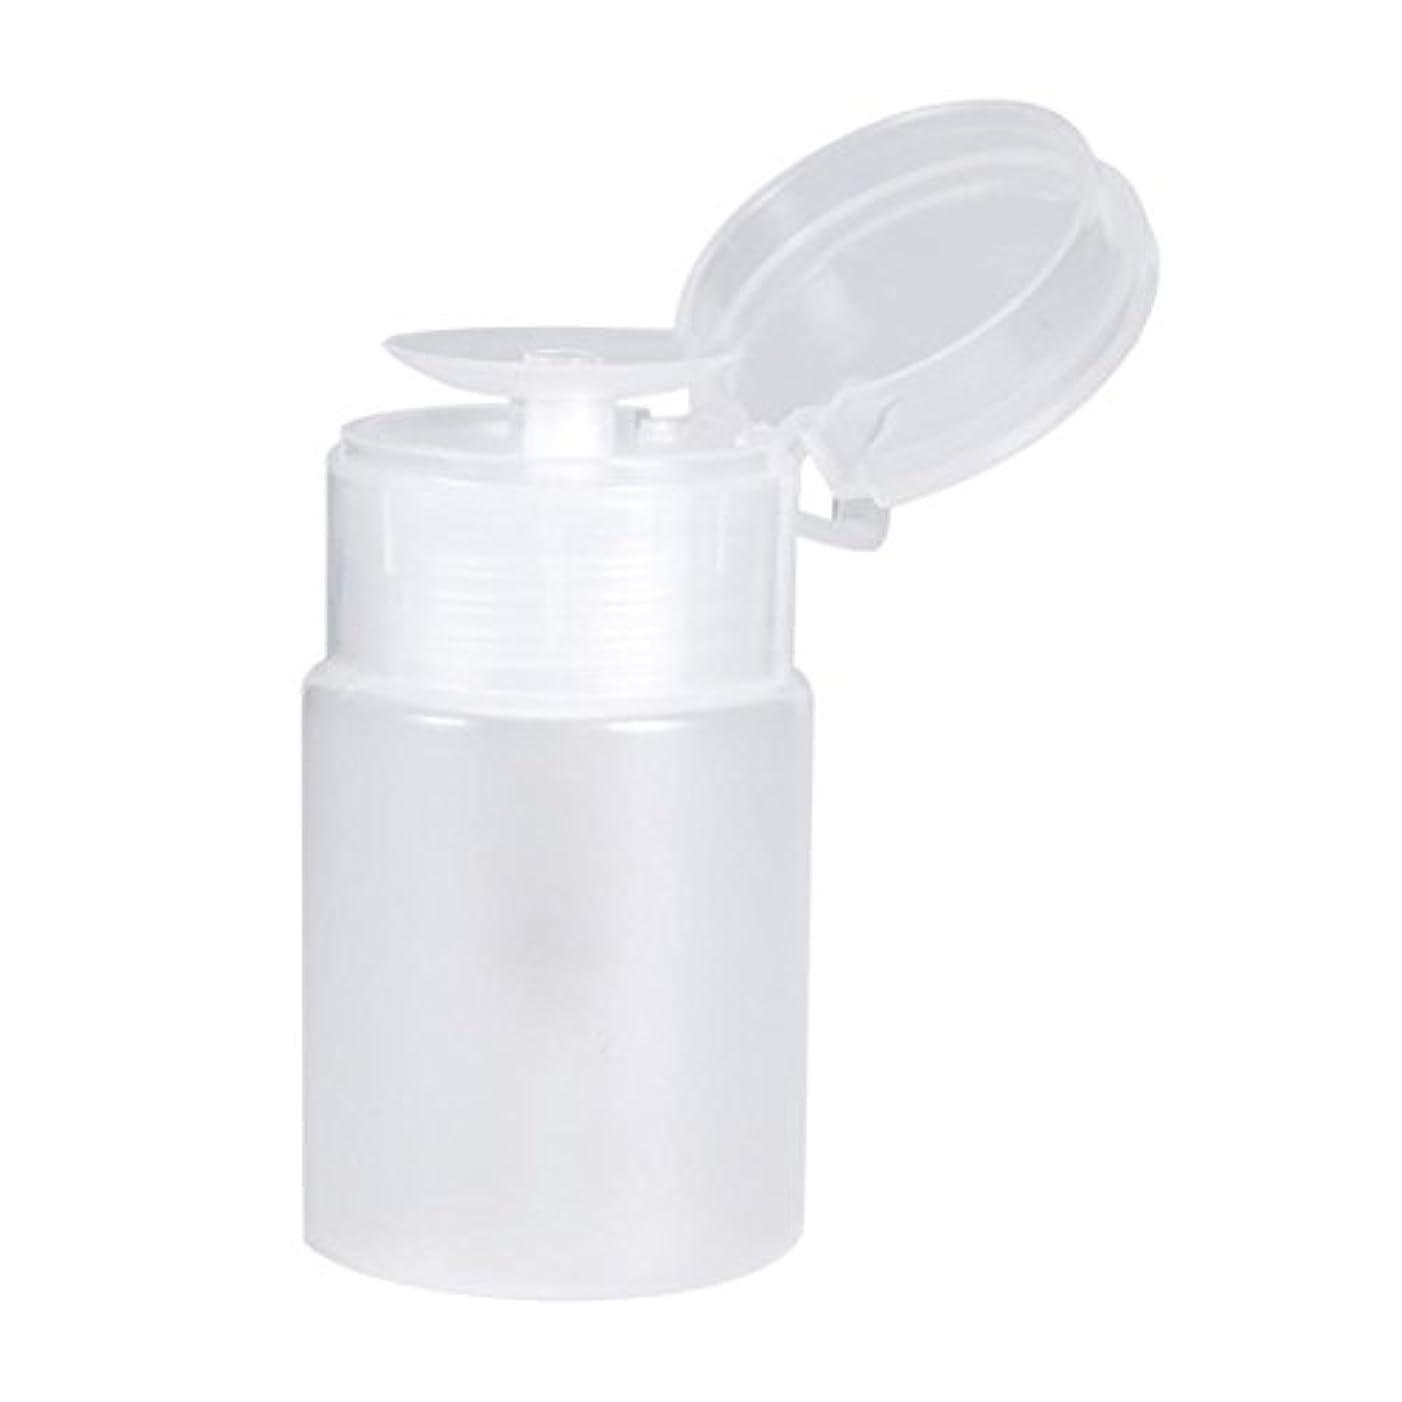 ランプ請負業者マウスピースネイルディスペンサーボトル、プッシュダウンディスペンサーネイルポリッシュリムーバーポンプ空のボトルディスペンサー液体ボトル容器60ミリリットル(白)